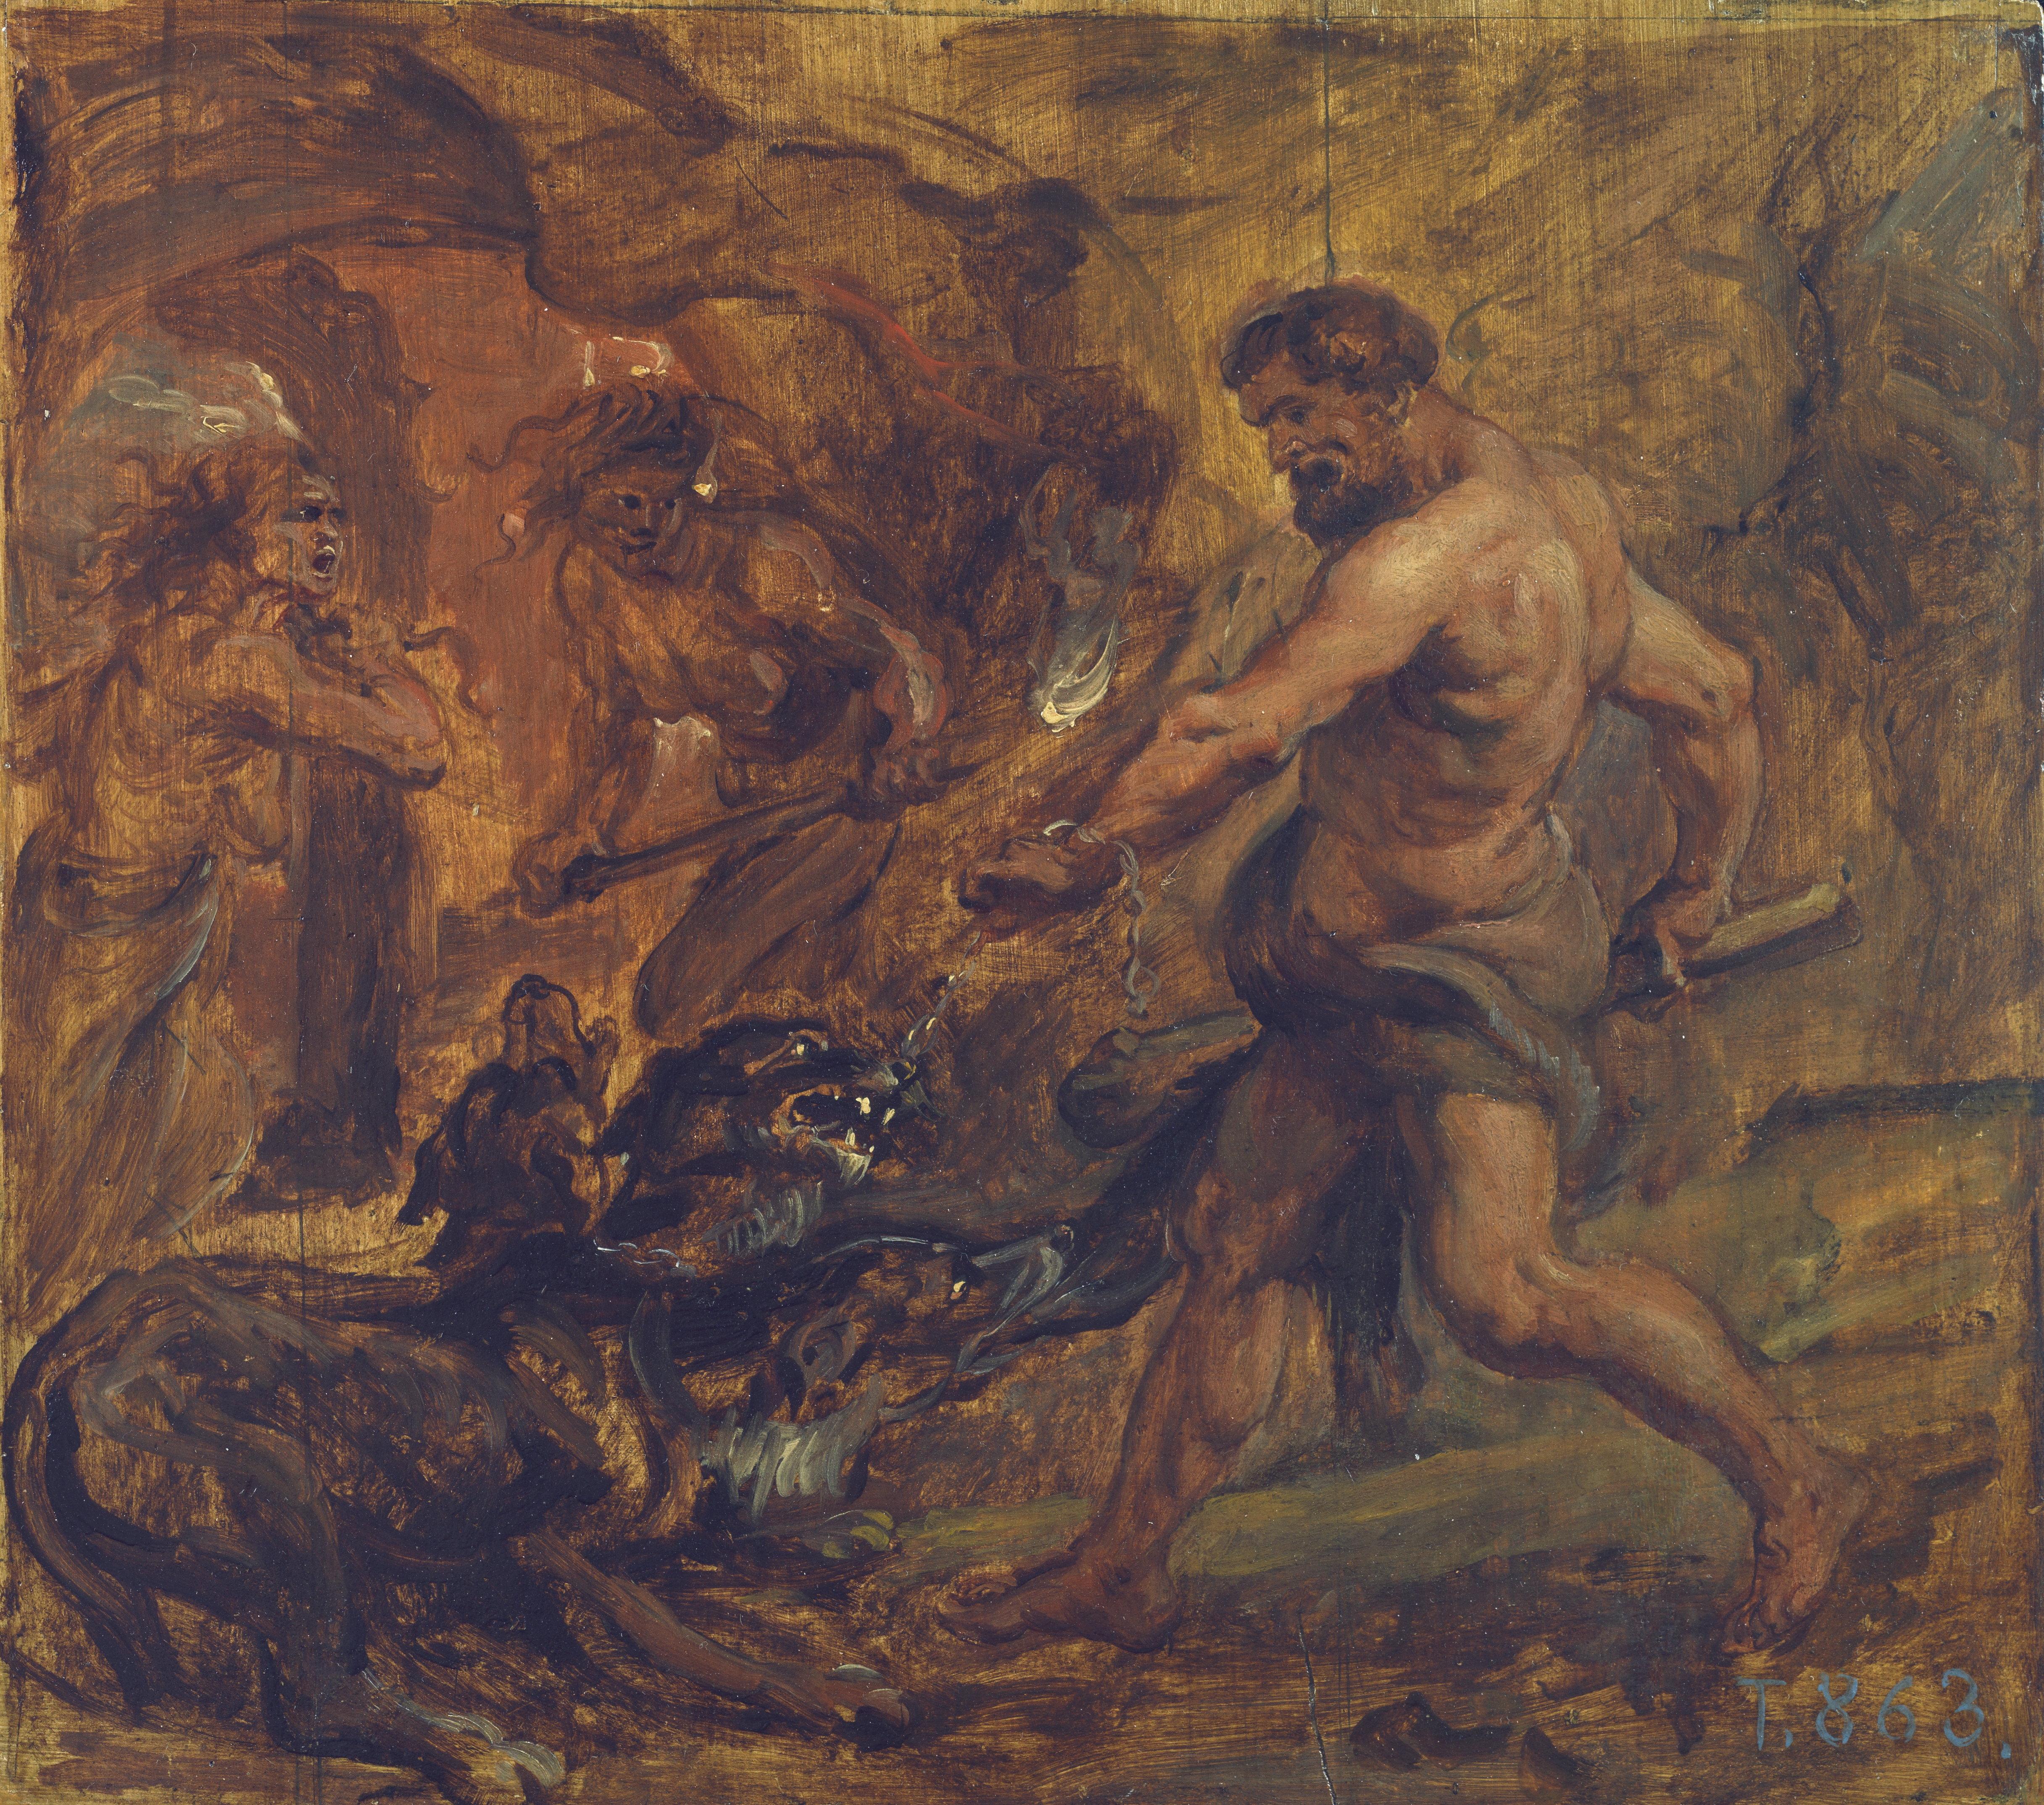 2. Hércules y el Cancerbero, Rubens